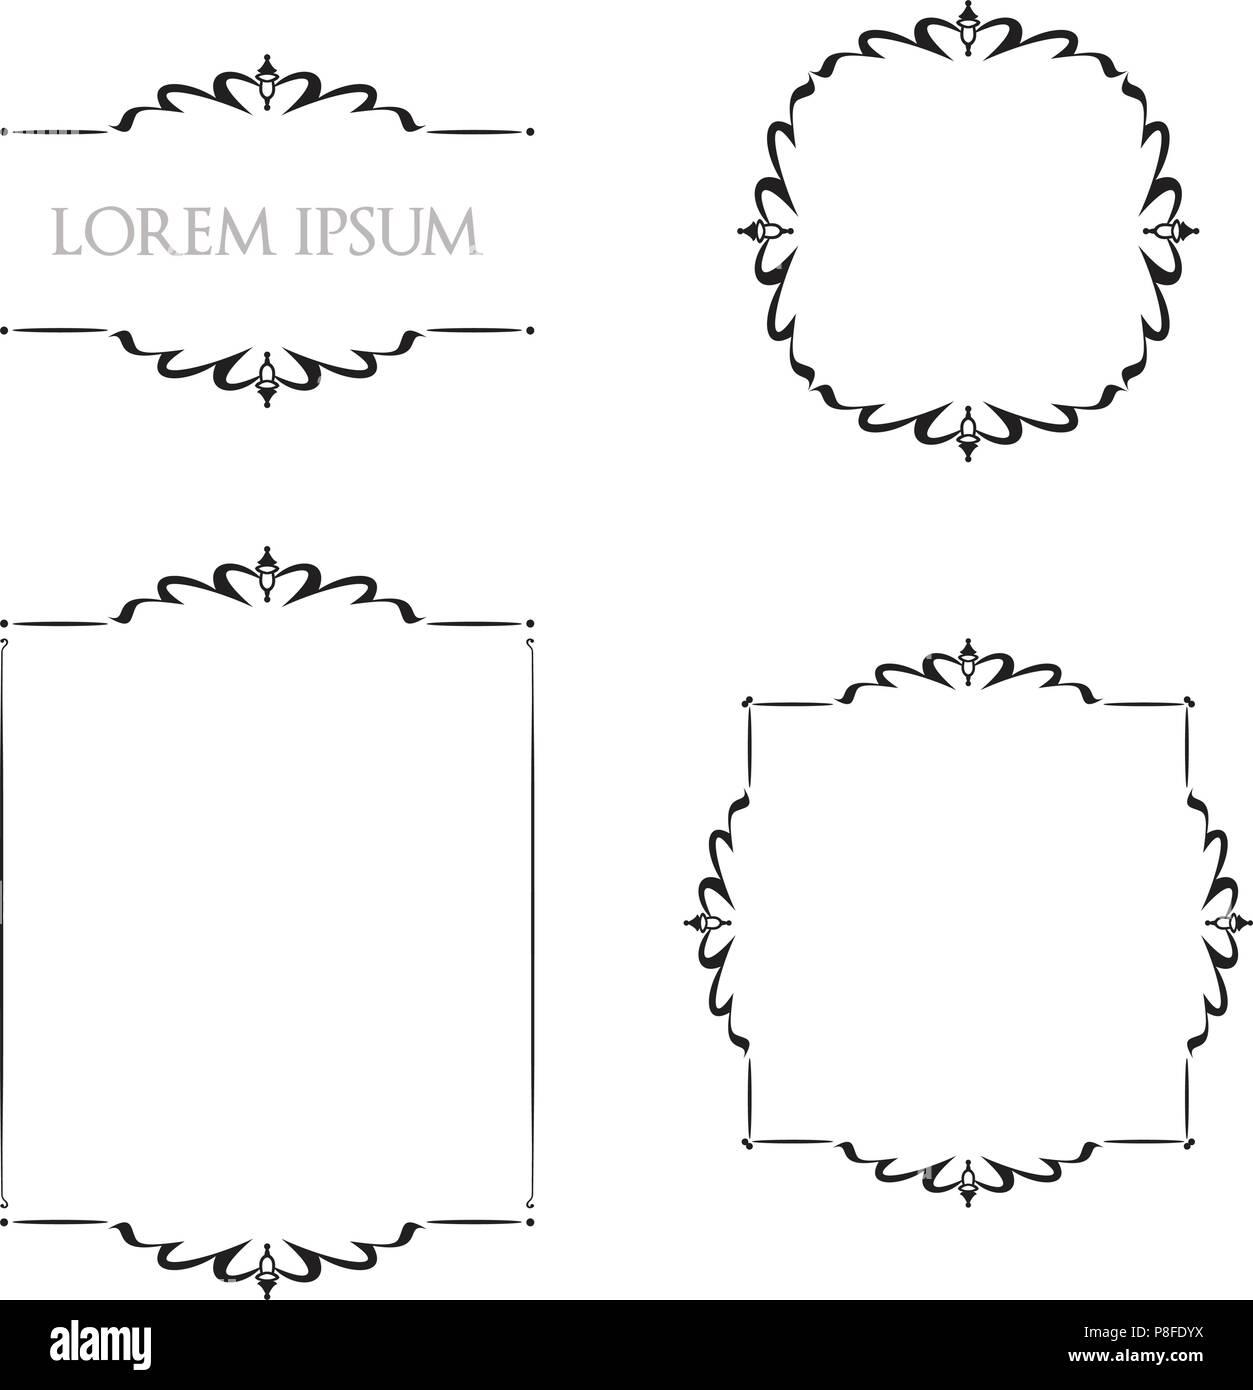 3043fe30c7471 Los bordes de marcos florales Vintage Ornamento elementos decorativos